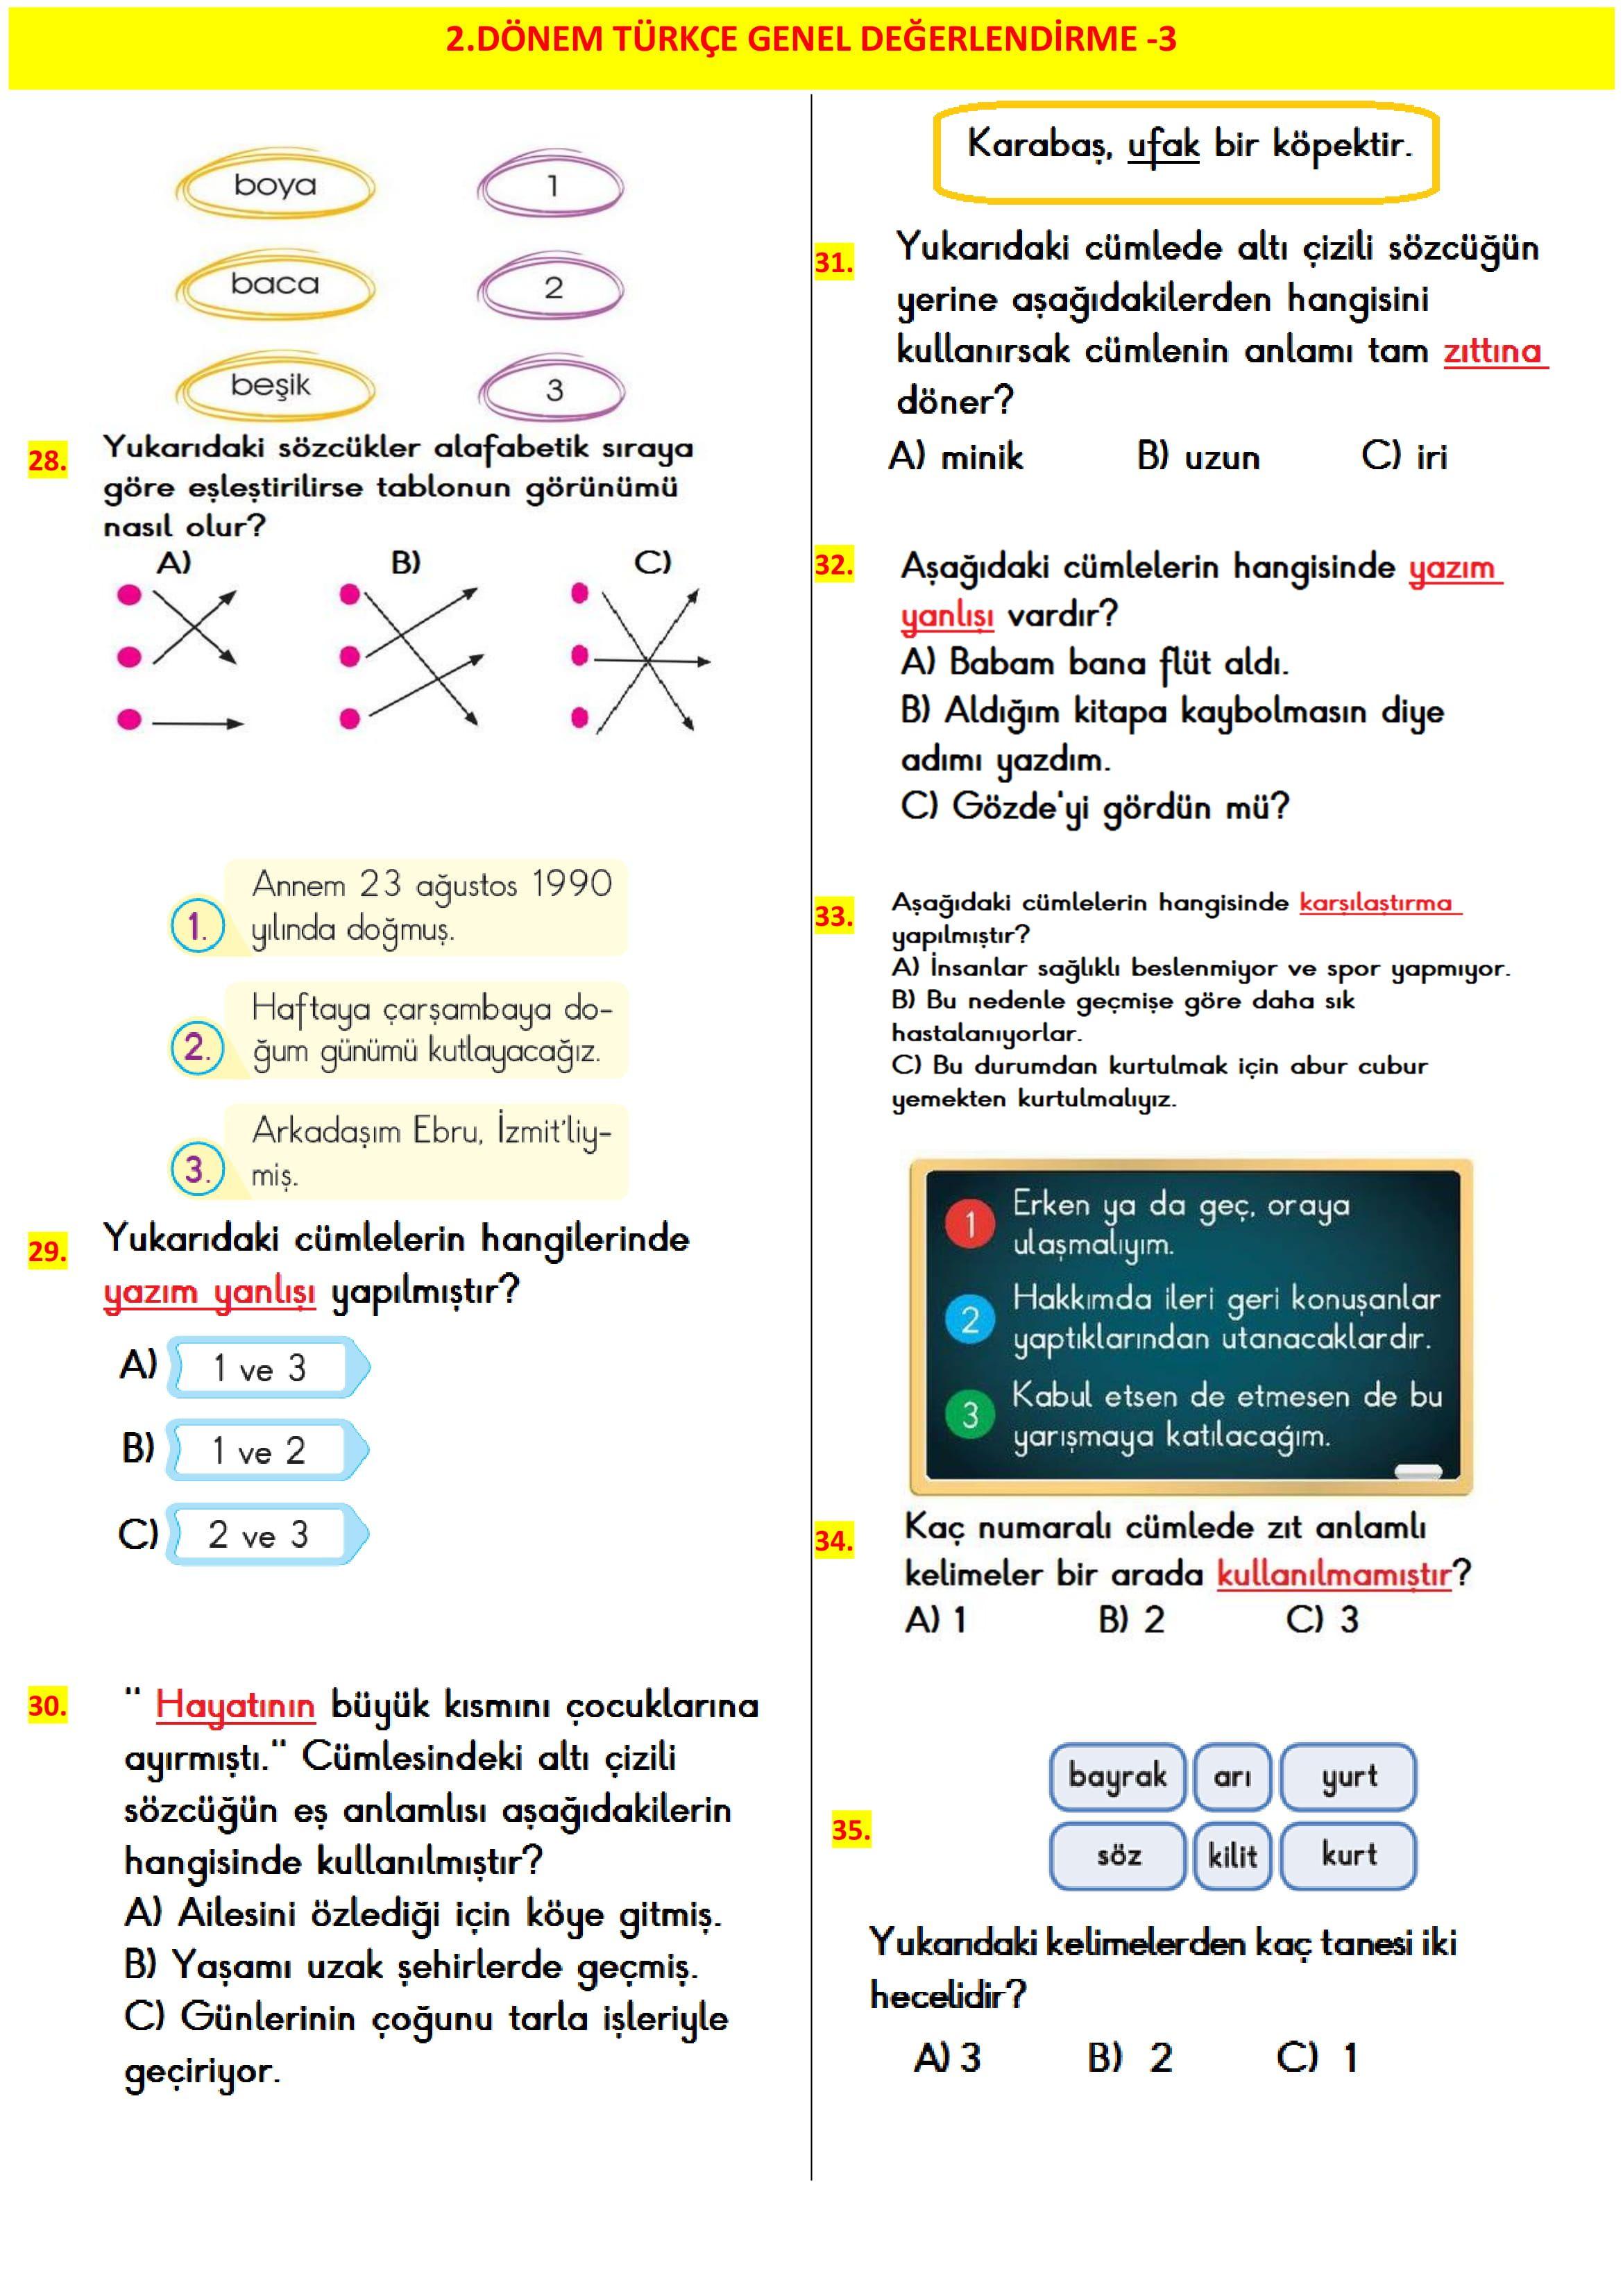 2 Sinif 2 Donem Matematik Degerlendirme 3 2020 Matematik Egitim Faaliyetleri Sinif